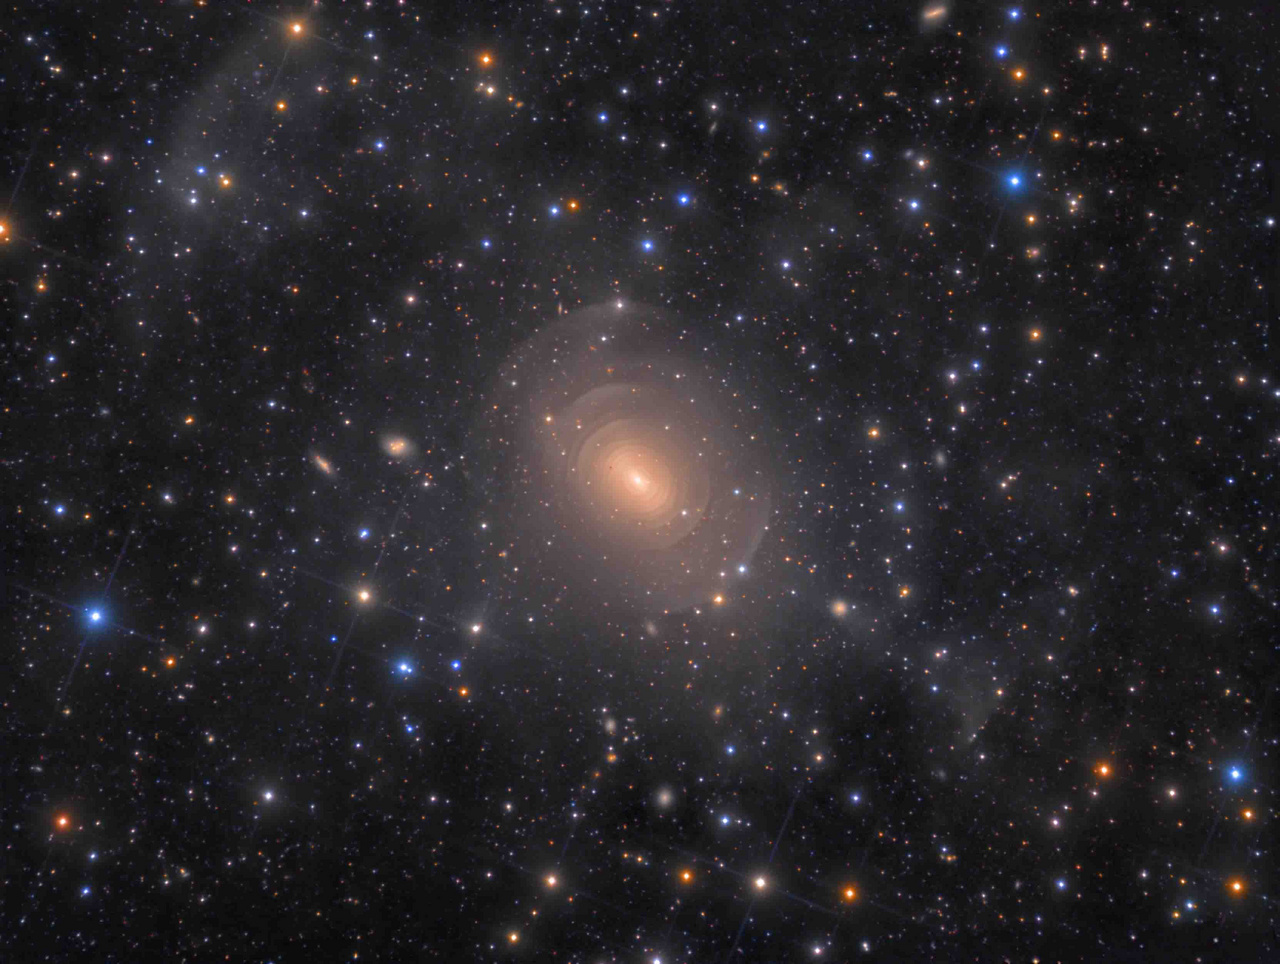 """A """"Galaxisok"""" kategória első díjazottja: """"Az NGC 3923 elliptikus galaxis héjai a Hydra csillagképben"""". A kép technikai adatai: 12.5 inches házi építésű Serrurier Truss Newton távcső (f/4), Losmandy G-11 mechanika, QSI 683wsg-8 kamera, 41 óra 38 perc összeexpozíció."""